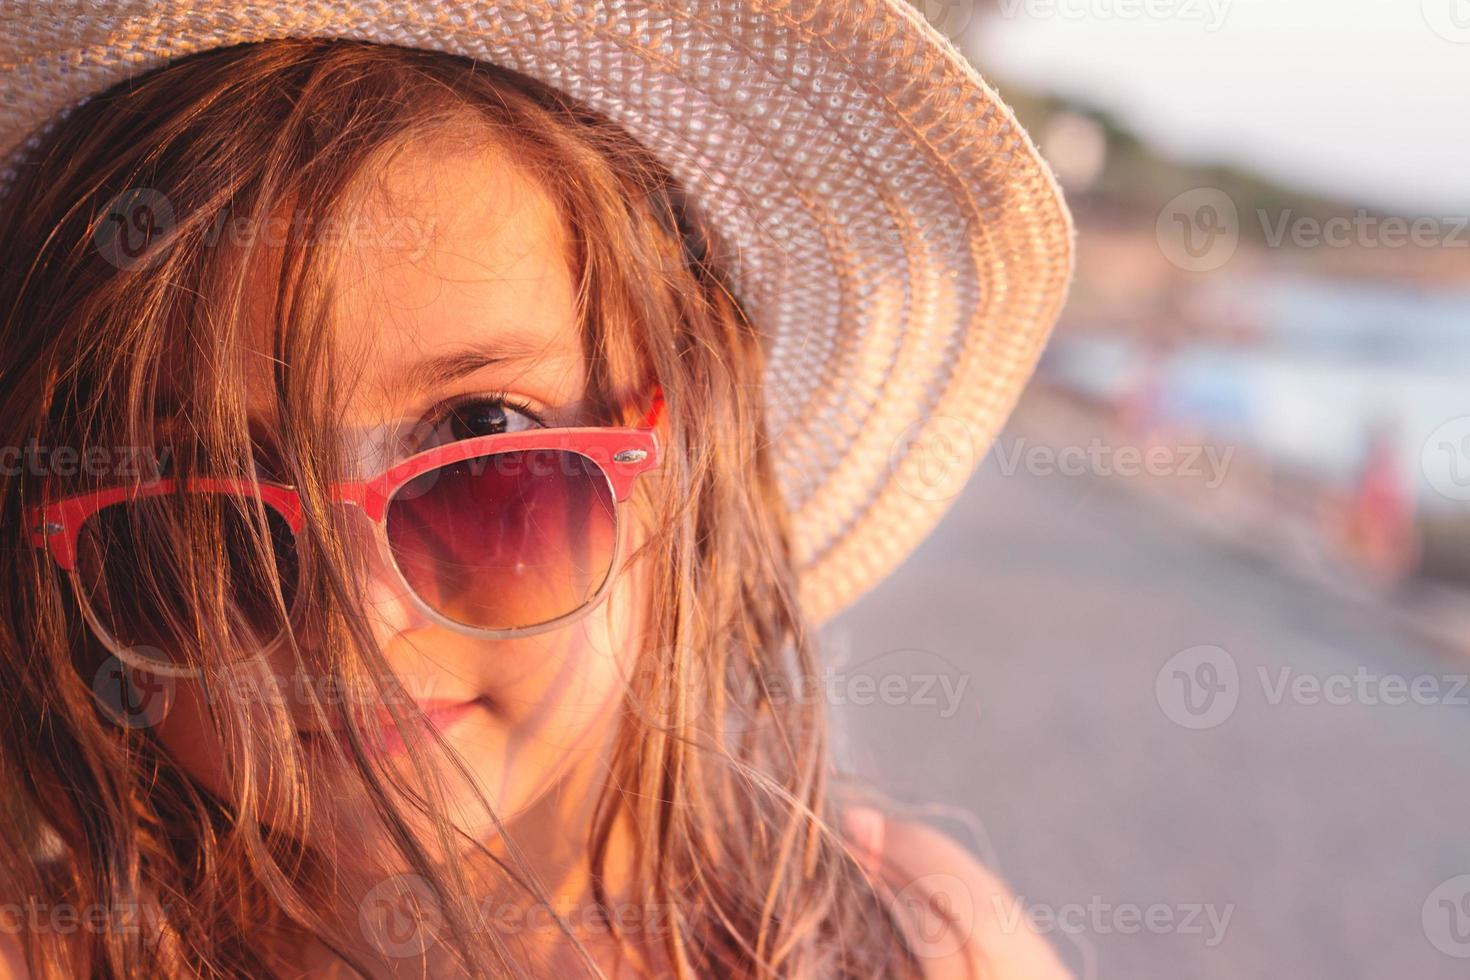 porträtt av en vacker liten flicka med solglasögon och stråhatt på stranden, med kopia utrymme foto